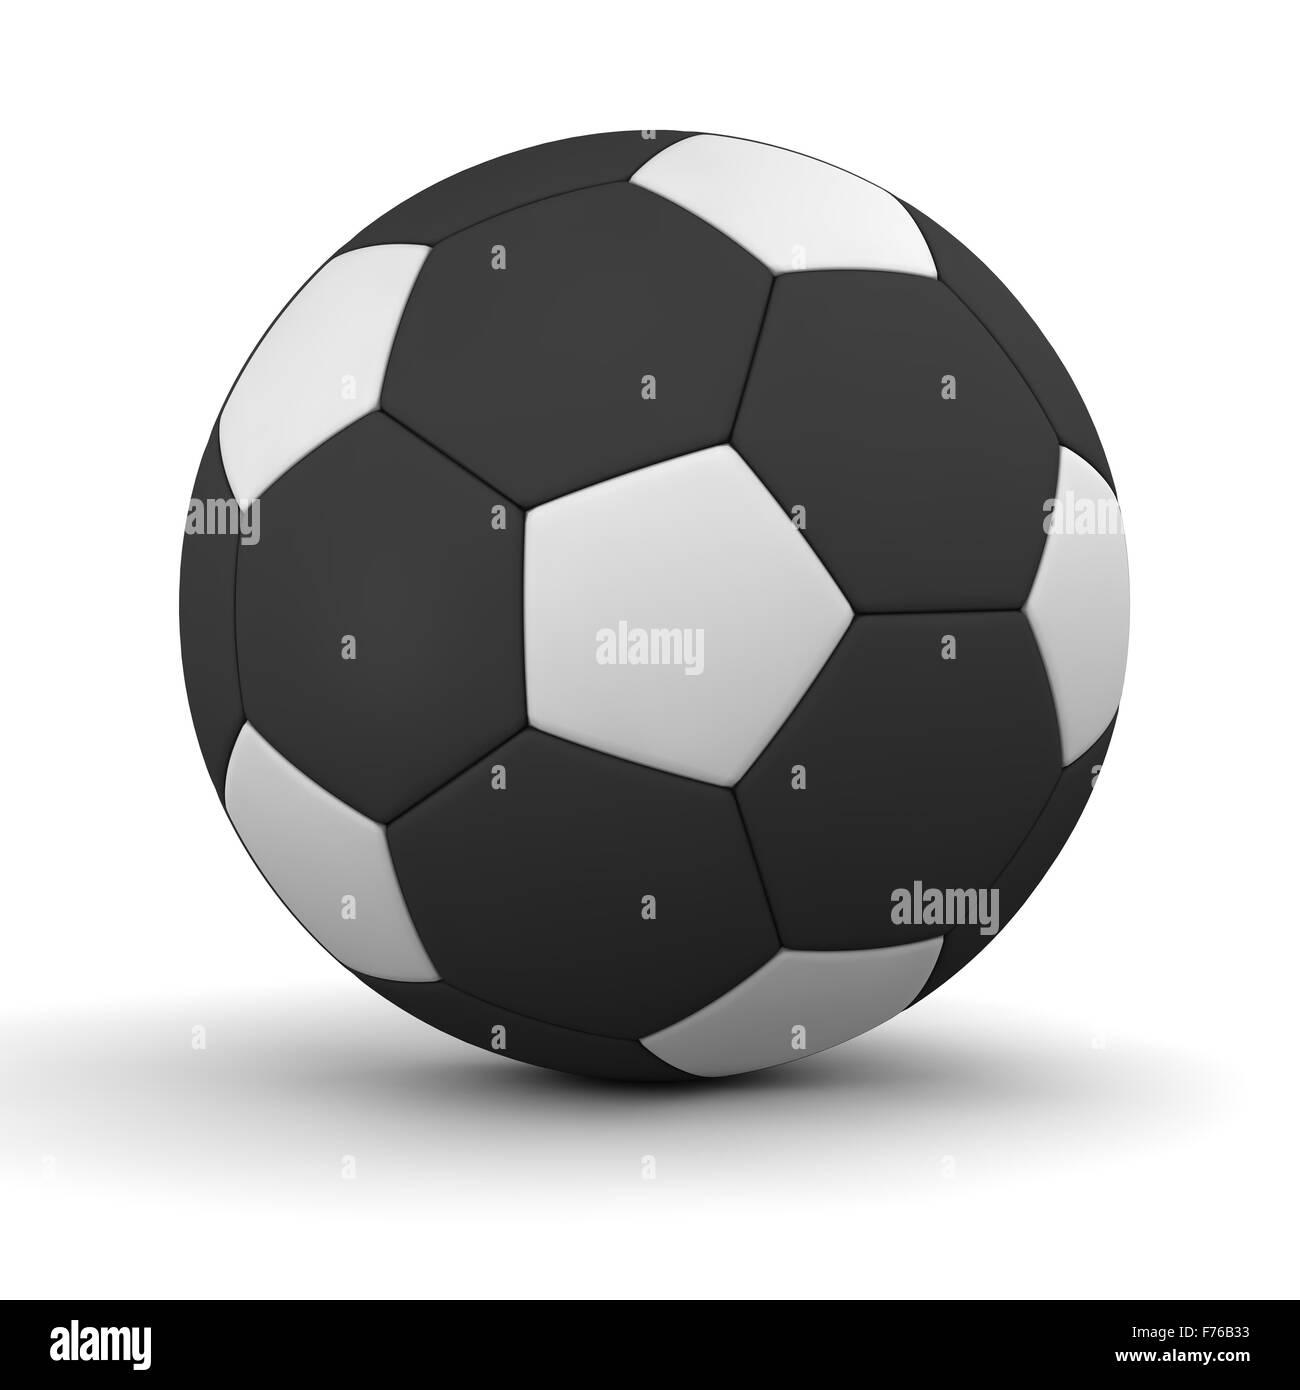 Klassische Fußball in weiß und schwarz - Inverse Farben Stockfoto ...